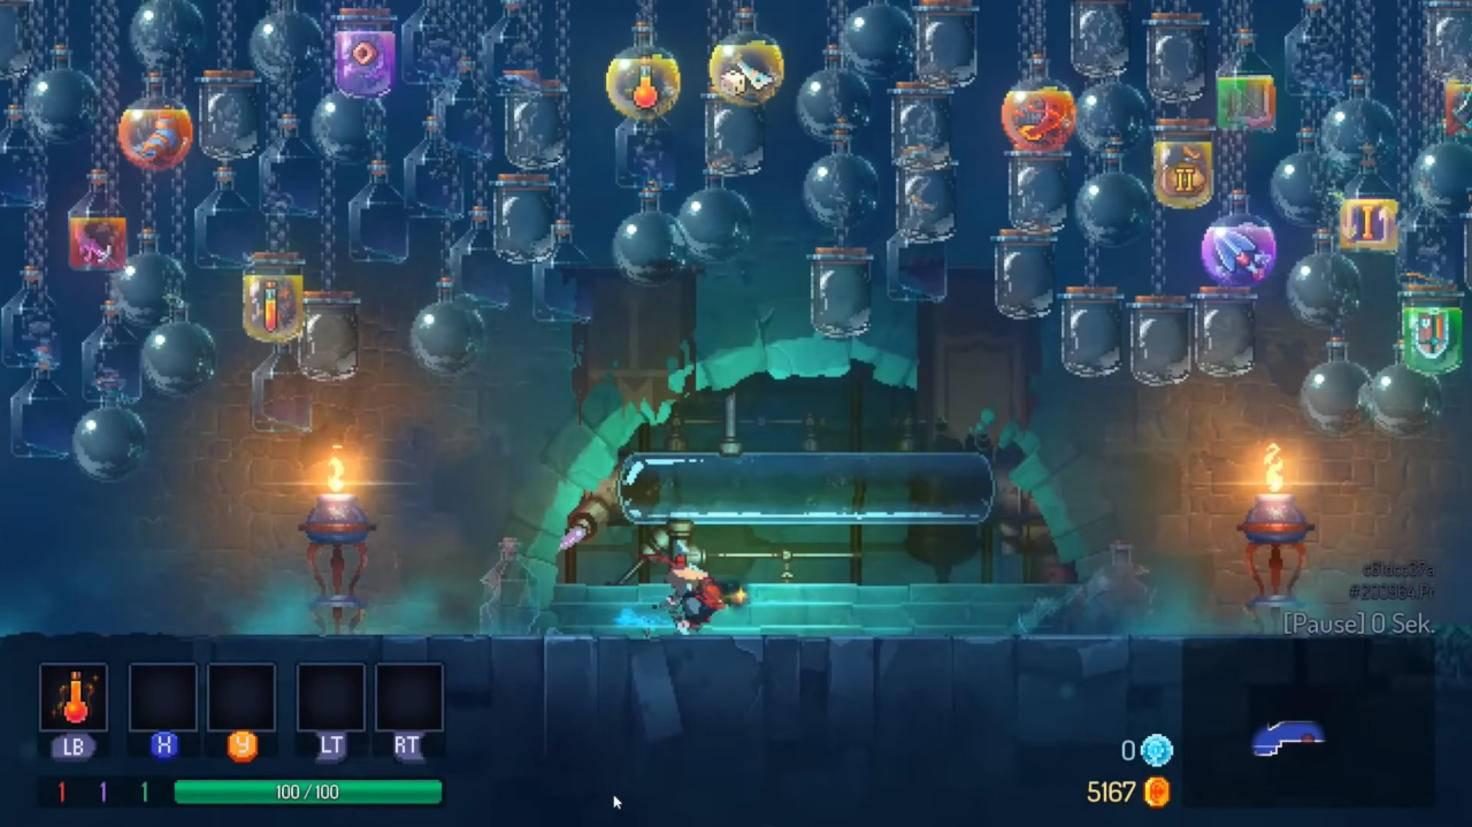 dead cells playthrough screenshot 01